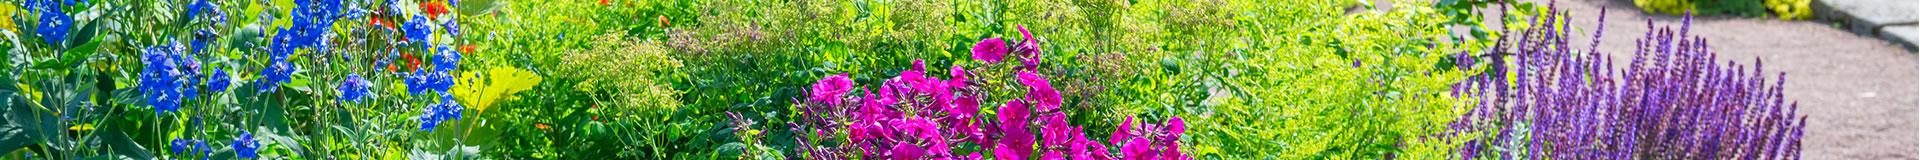 What We Do | Oak Grove Memorial Gardens